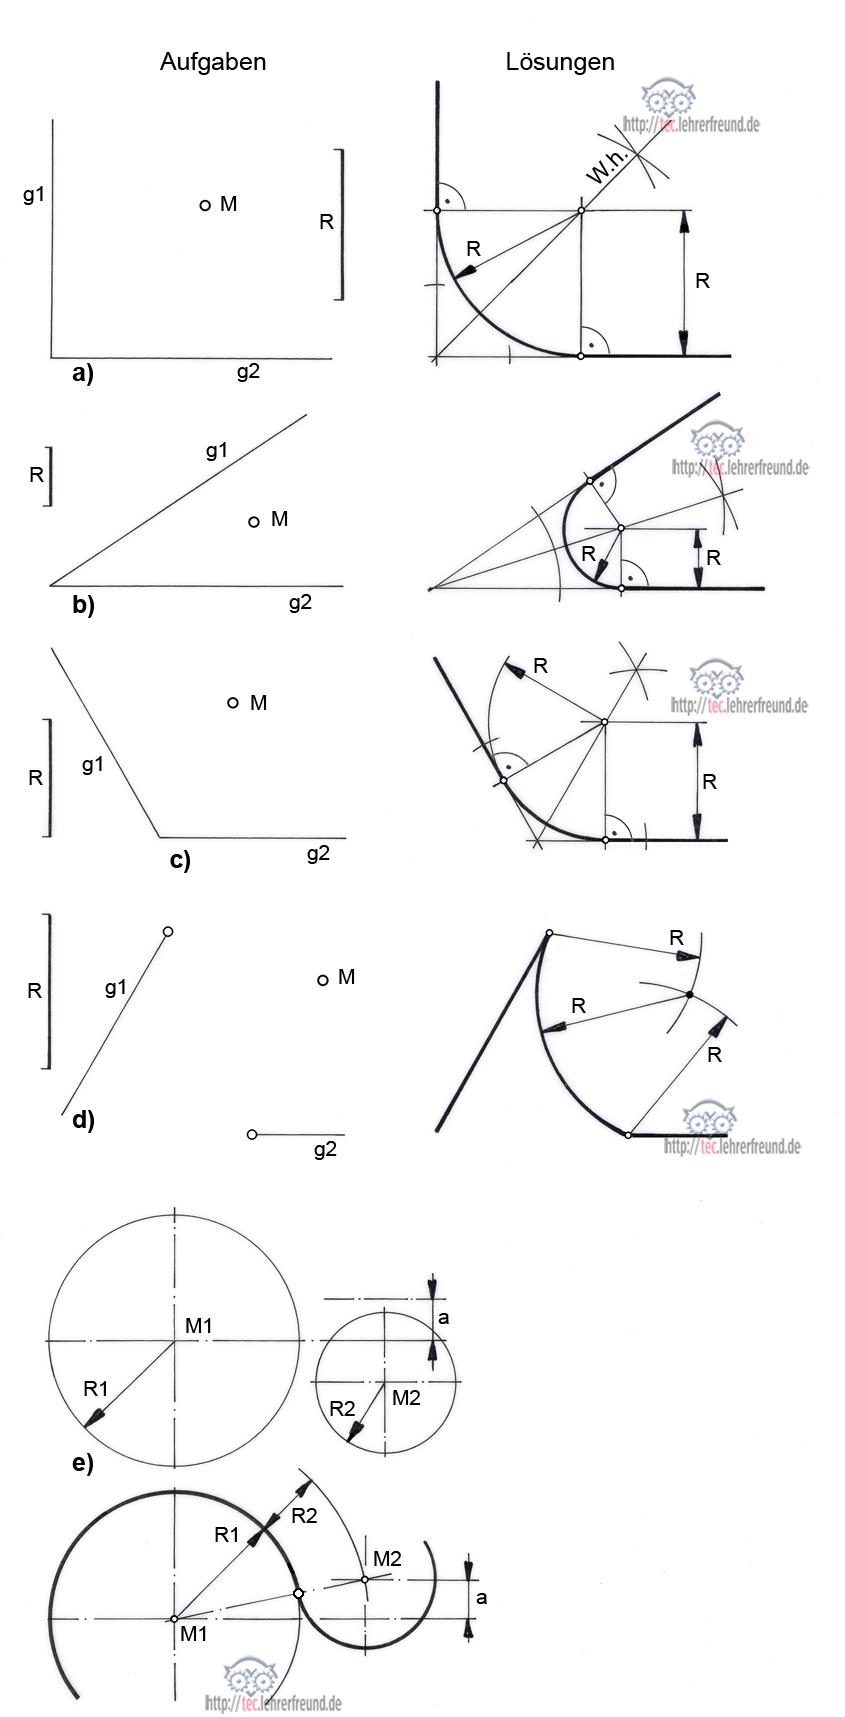 Geometrische Grundkonstruktionen (2) • tec.Lehrerfreund